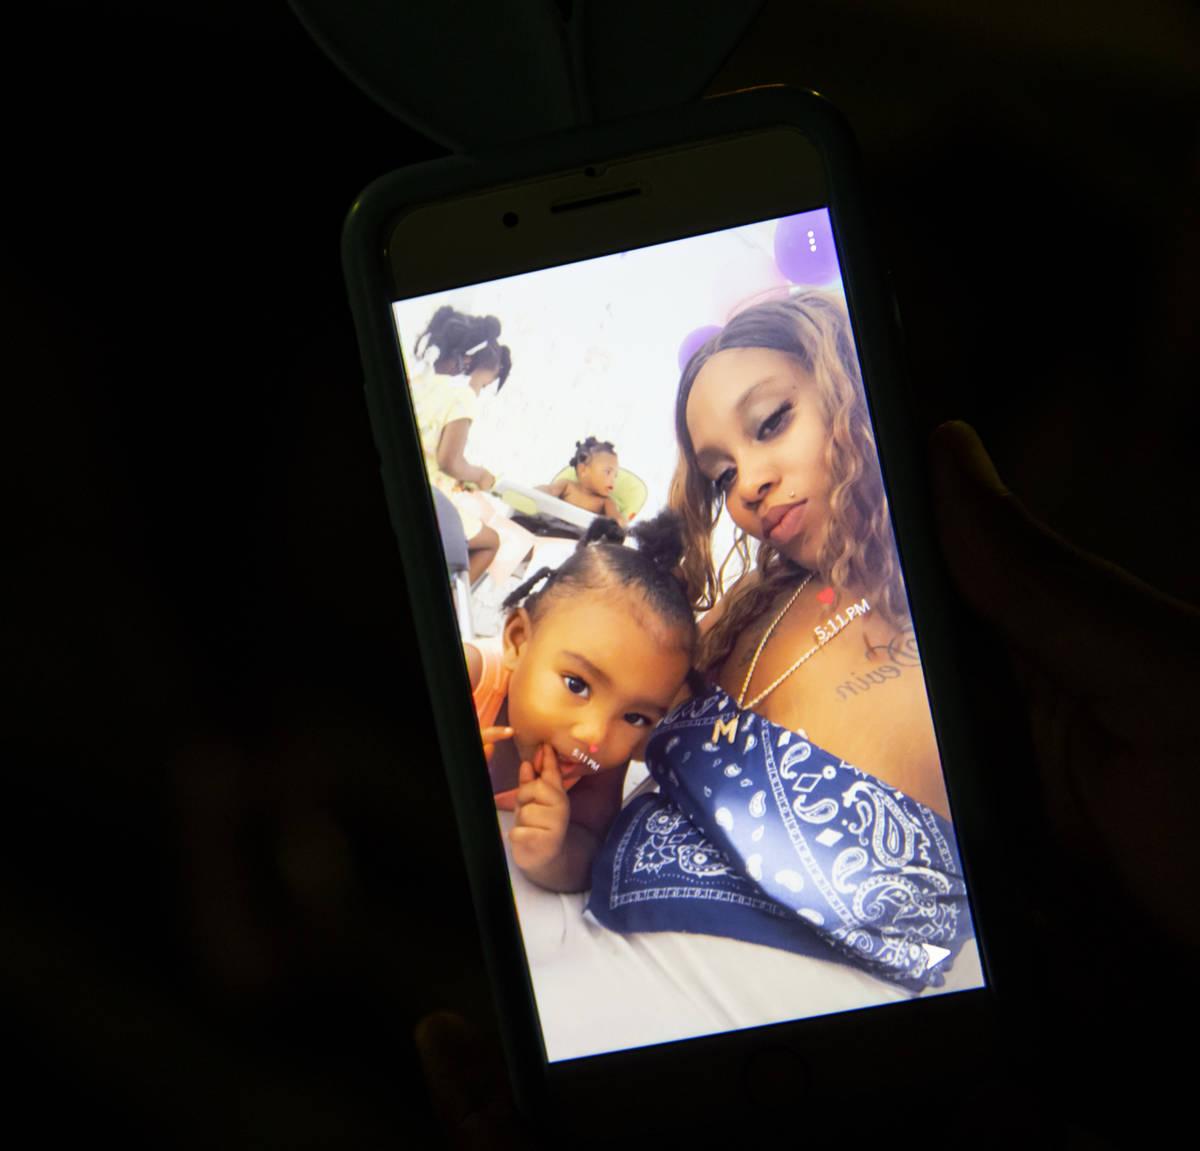 Mariah Coleman aparece en una foto con su hija, Sayah Deal de un año, en Las Vegas el martes, ...